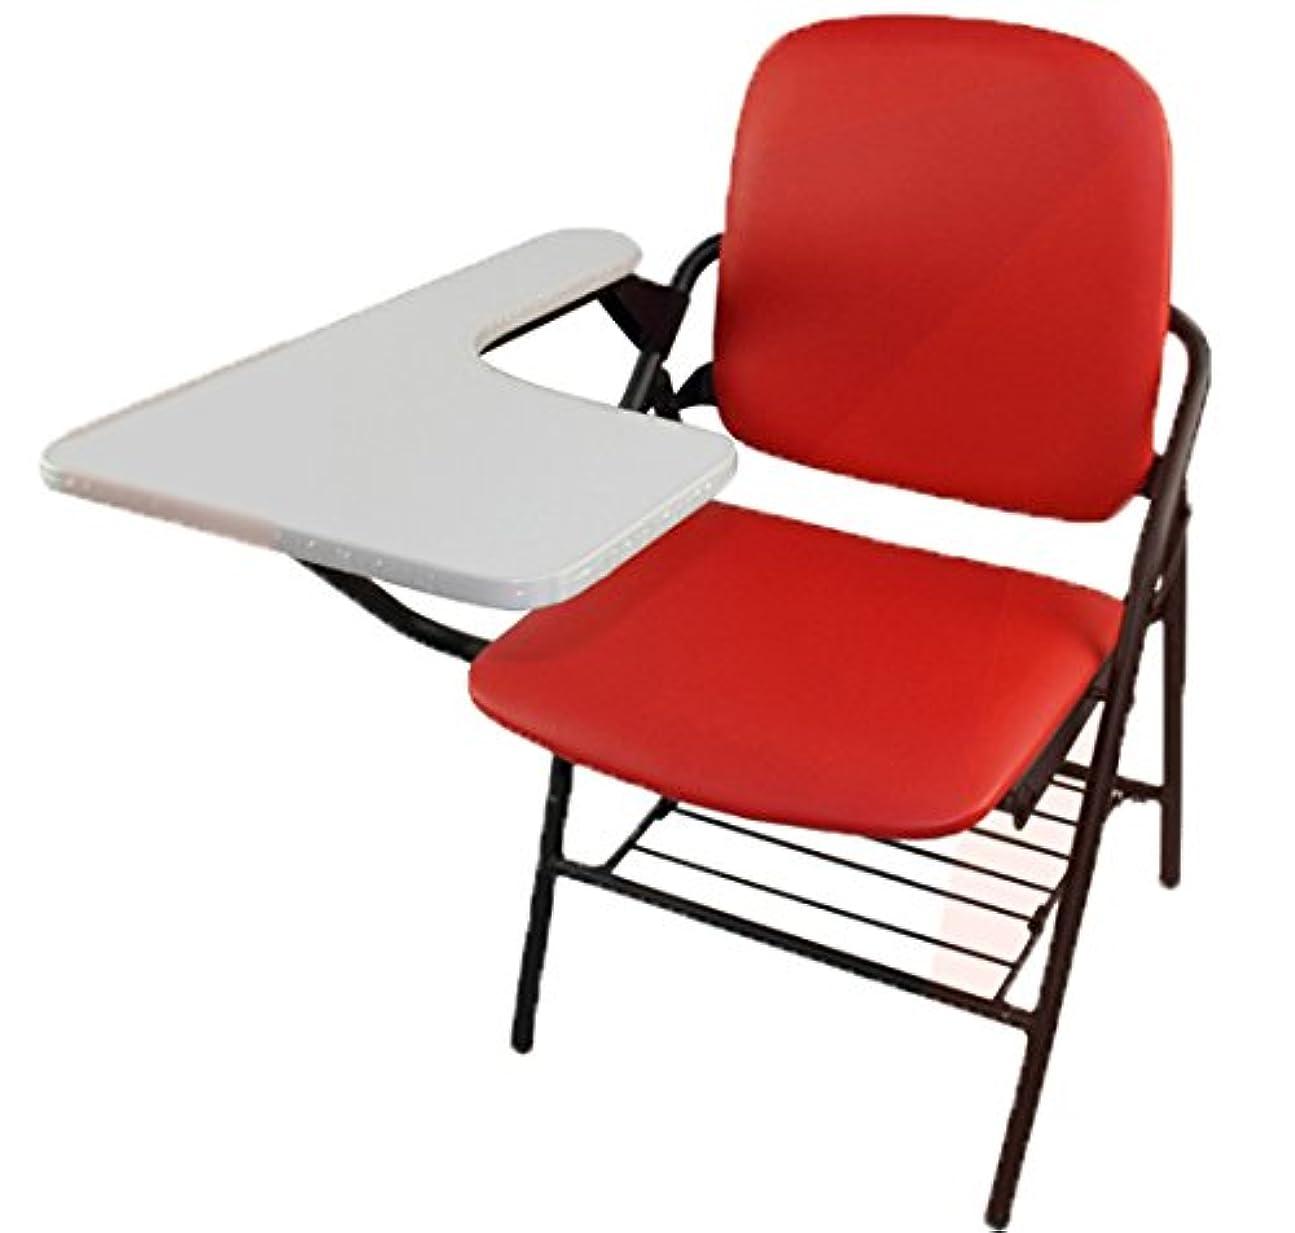 真鍮信頼テナントCOM-SHOT 【 クッション タイプ 】 テーブル 一体型 チェア 2 レッド 【 下部 収納 付き 】 折りたたみ 軽量 MI-CHBLE02-RD